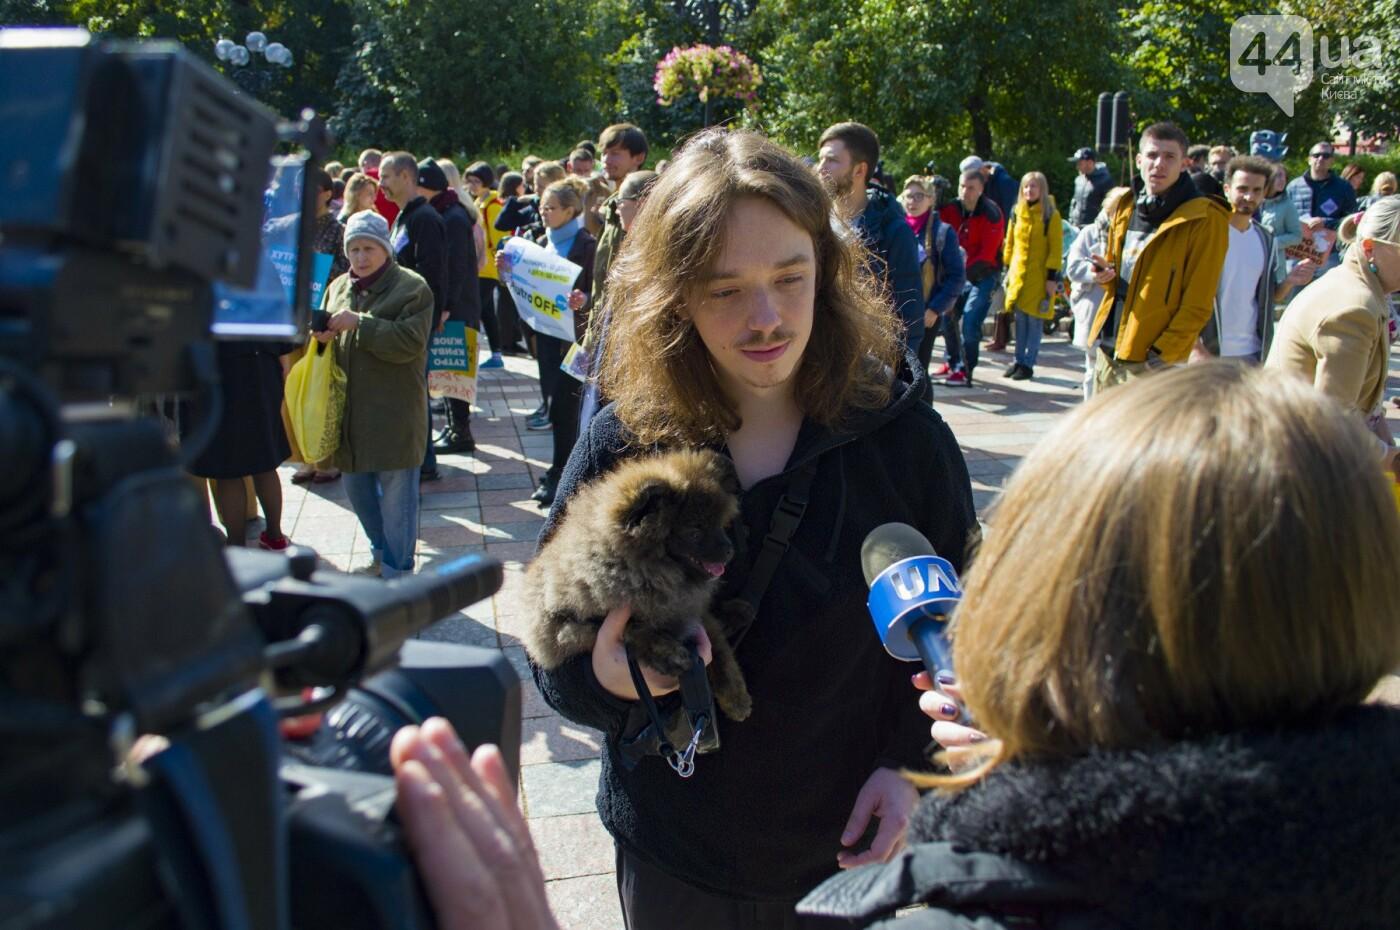 Собаки, коты и хомячки: в Киеве прошла акция за права животных, - ФОТОРЕПОРТАЖ, фото-16